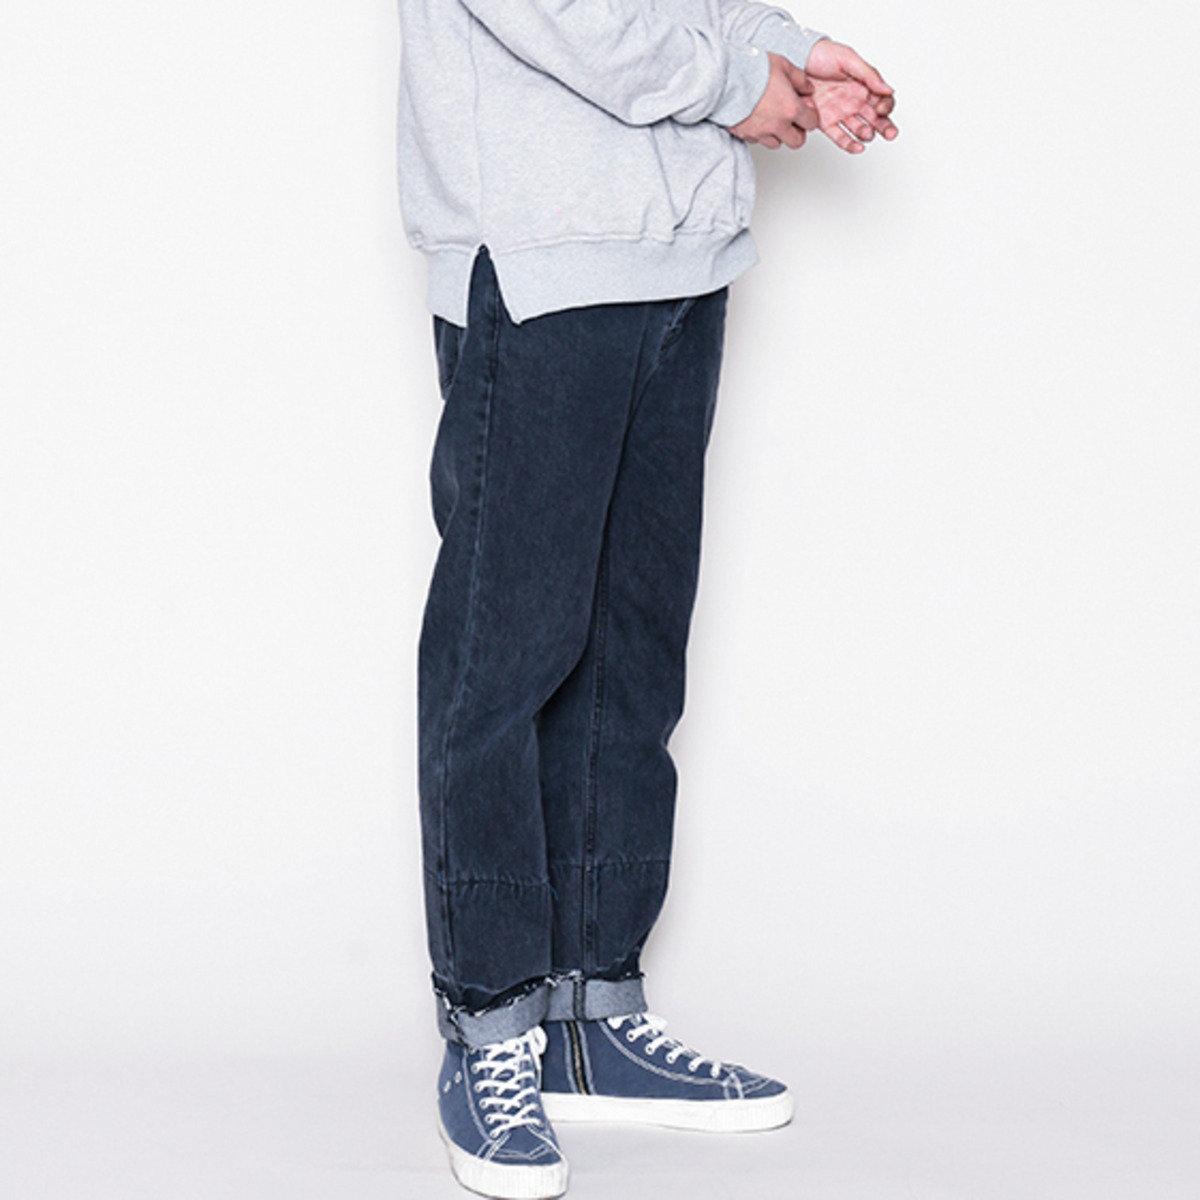 散邊五袋牛仔褲_13542